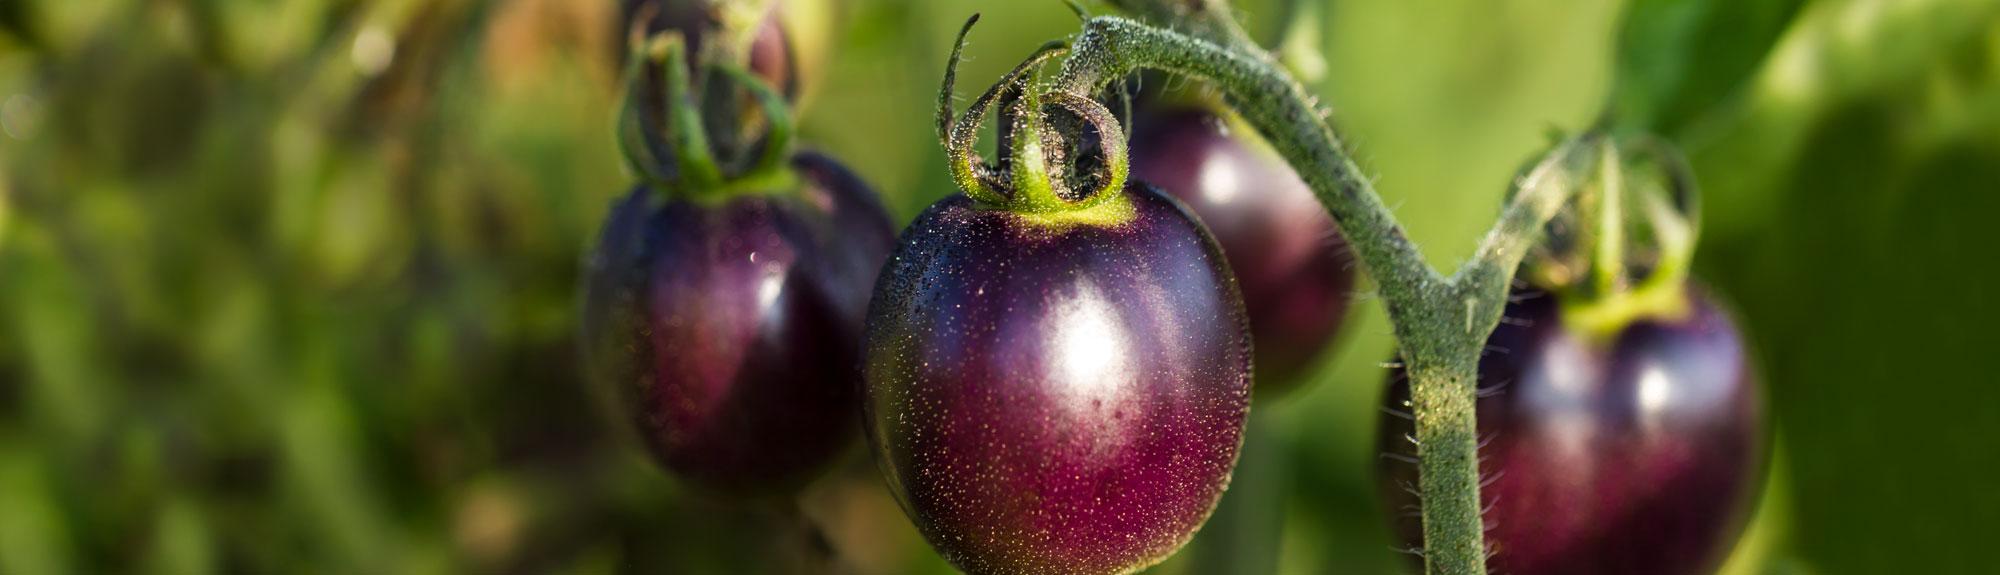 Purple tomatoes at Robin Hills Farm